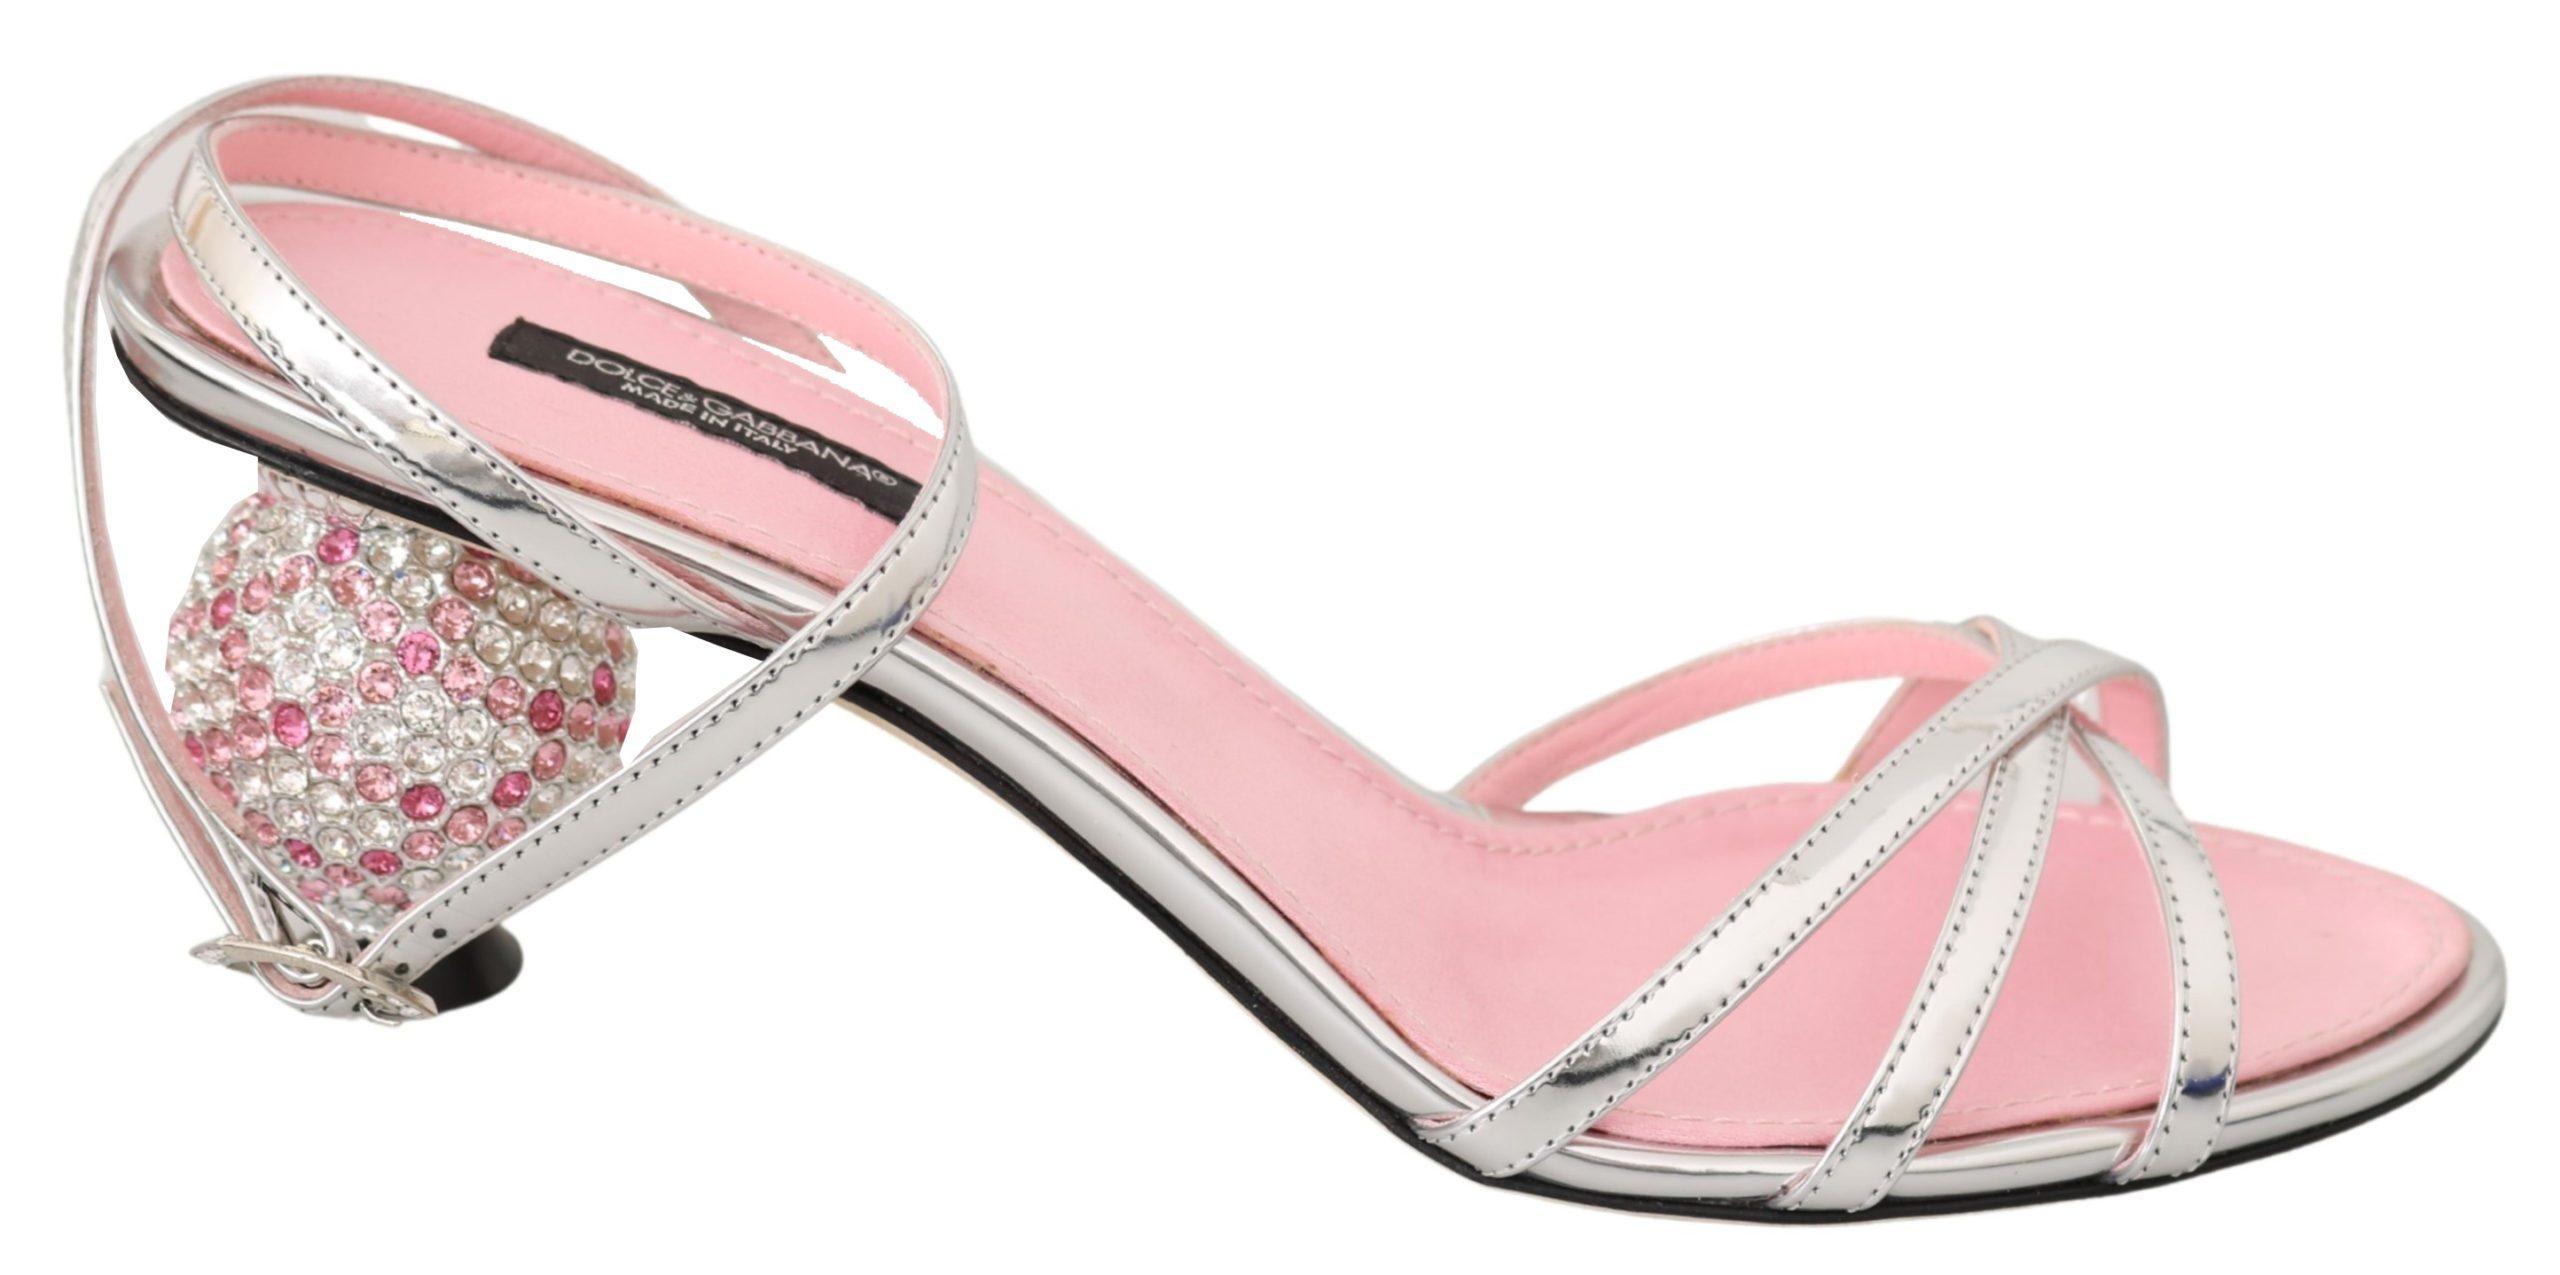 Dolce & Gabbana Women's Crystal Ankle Strap Sandal Pink LA7122 - EU36/US5.5